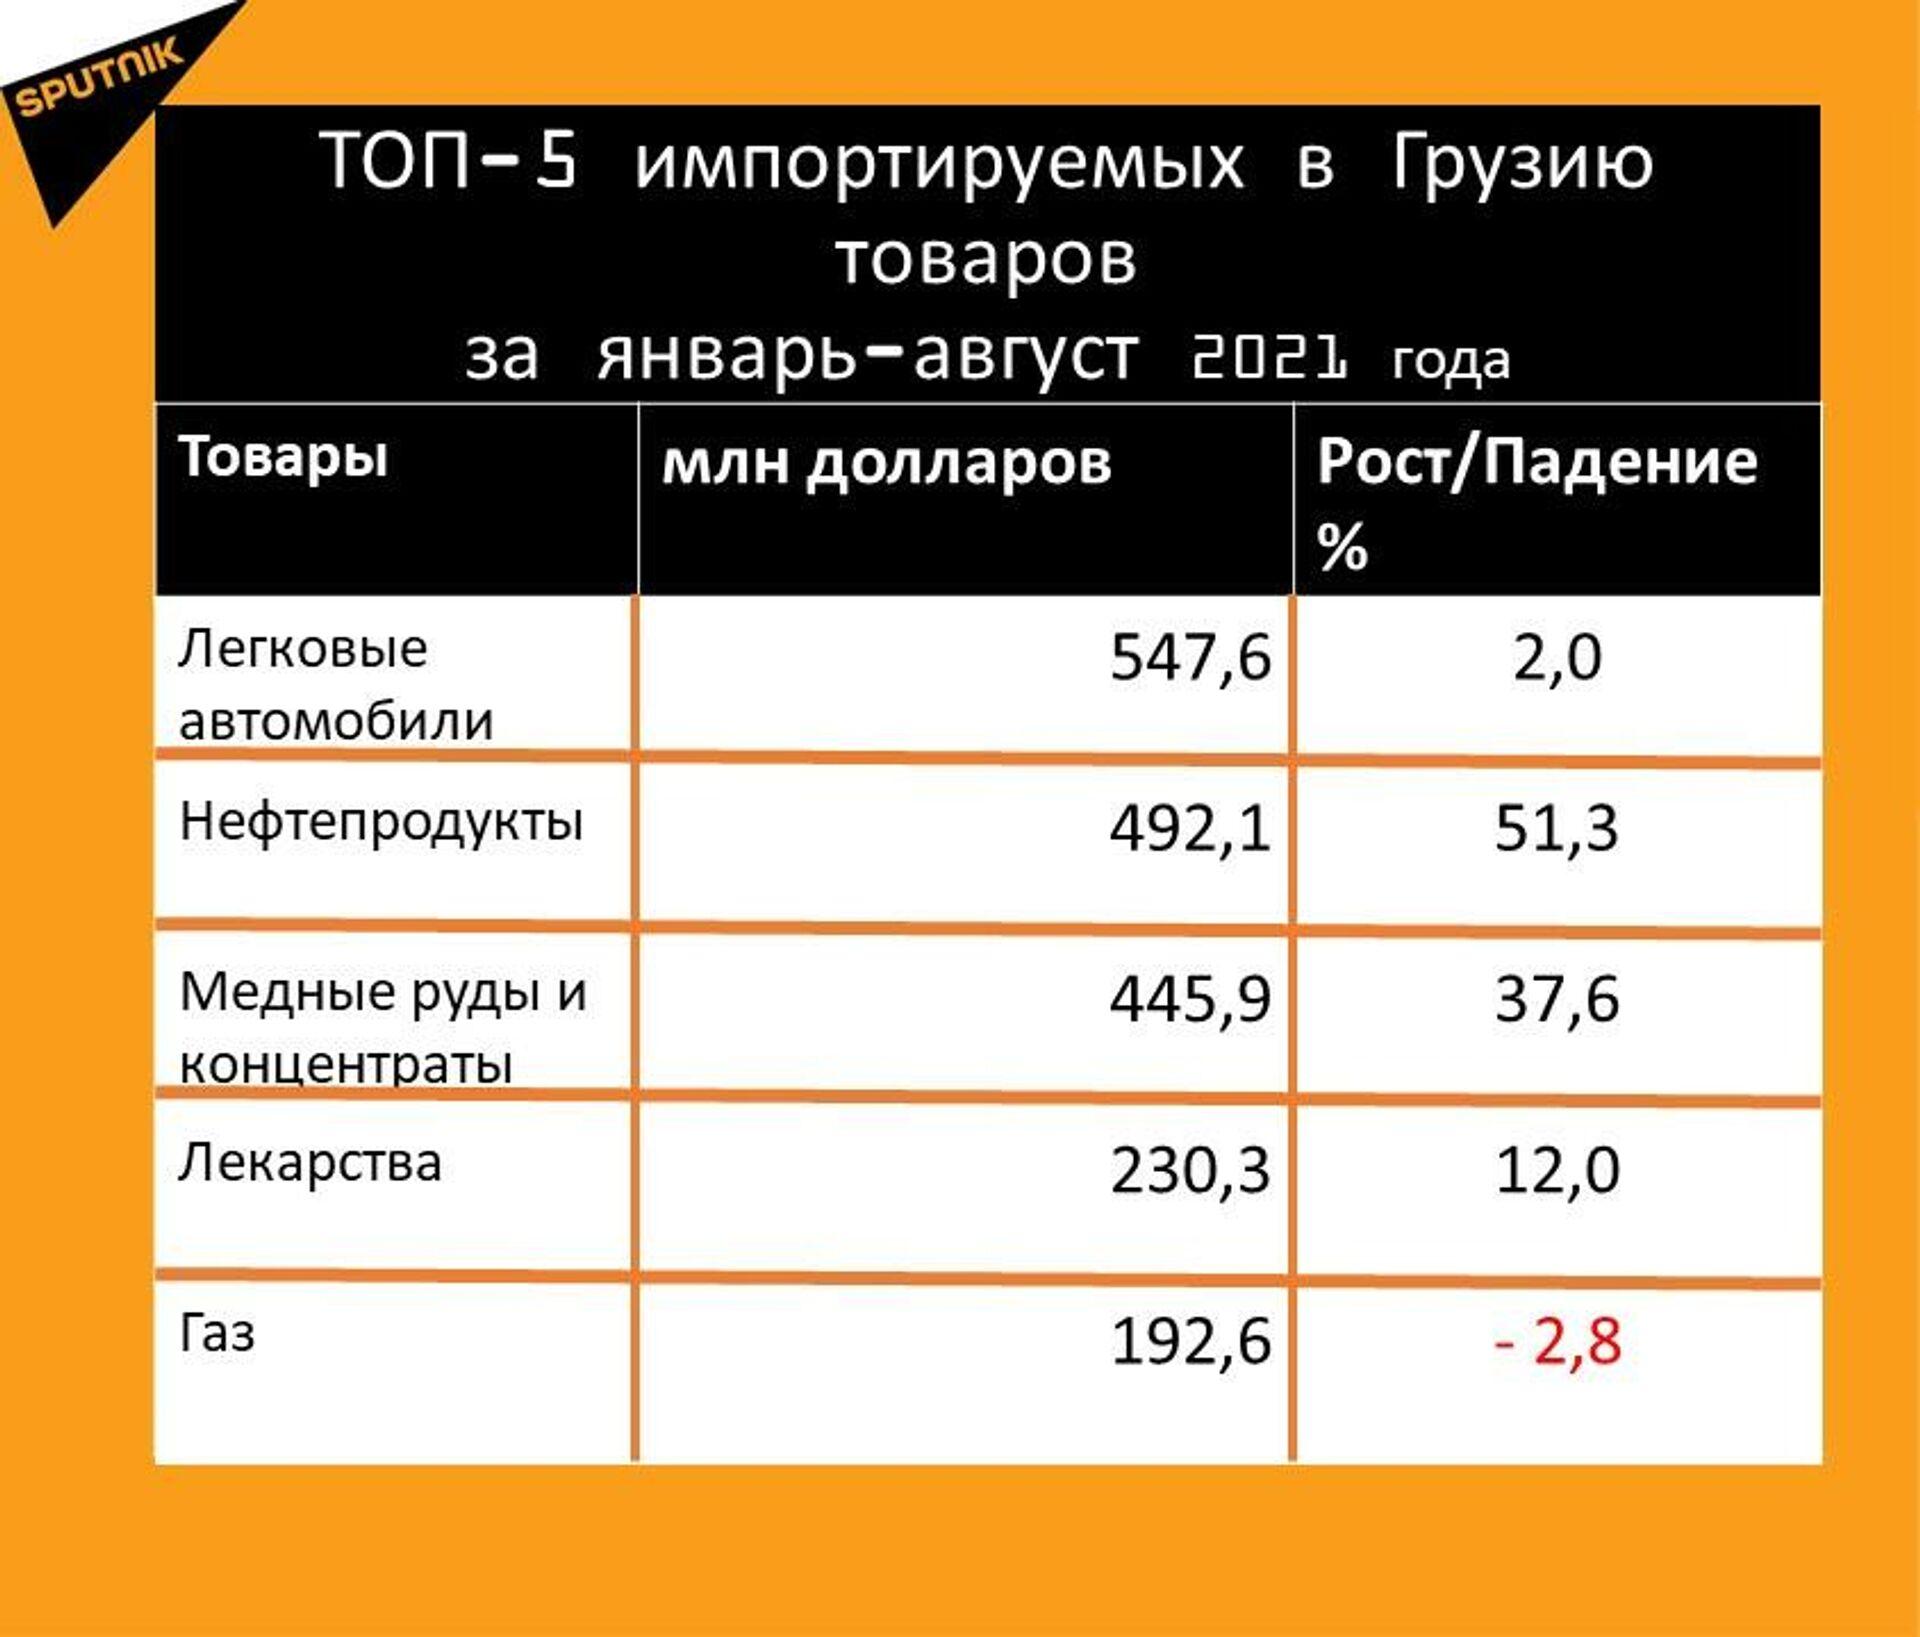 Статистика внешнеторгового оборота Грузии за январь-август 2021 года, импорт - Sputnik Грузия, 1920, 20.09.2021